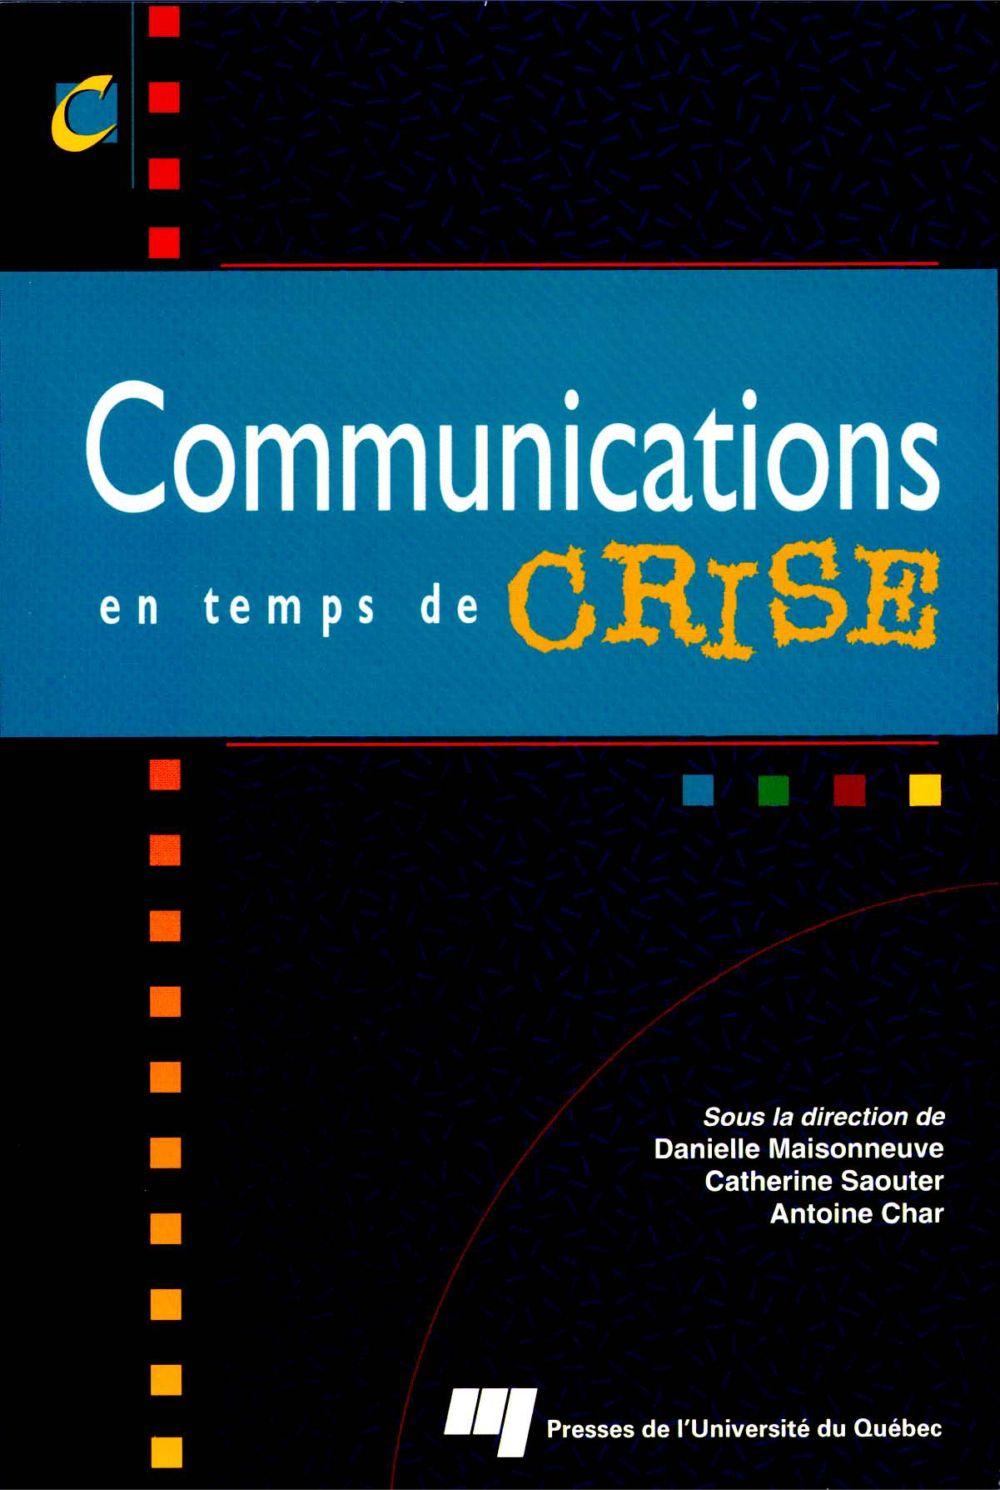 Communications en temps de crise